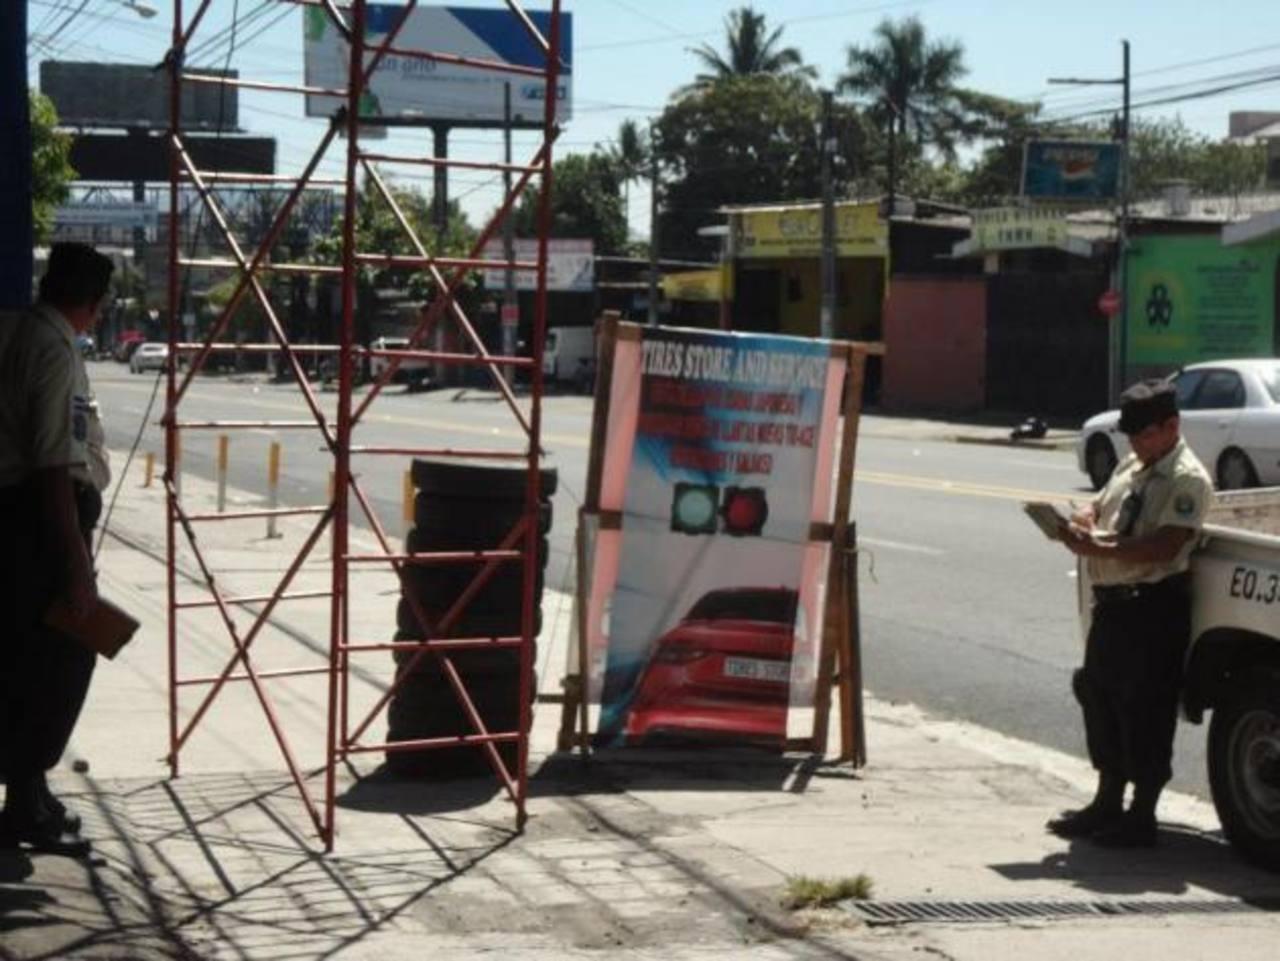 La municipalidad prevé inspeccionar más zonas de la ciudad, entre ellas Santa Elena y las cercanías de la UCA. foto edh /CORTESÍA